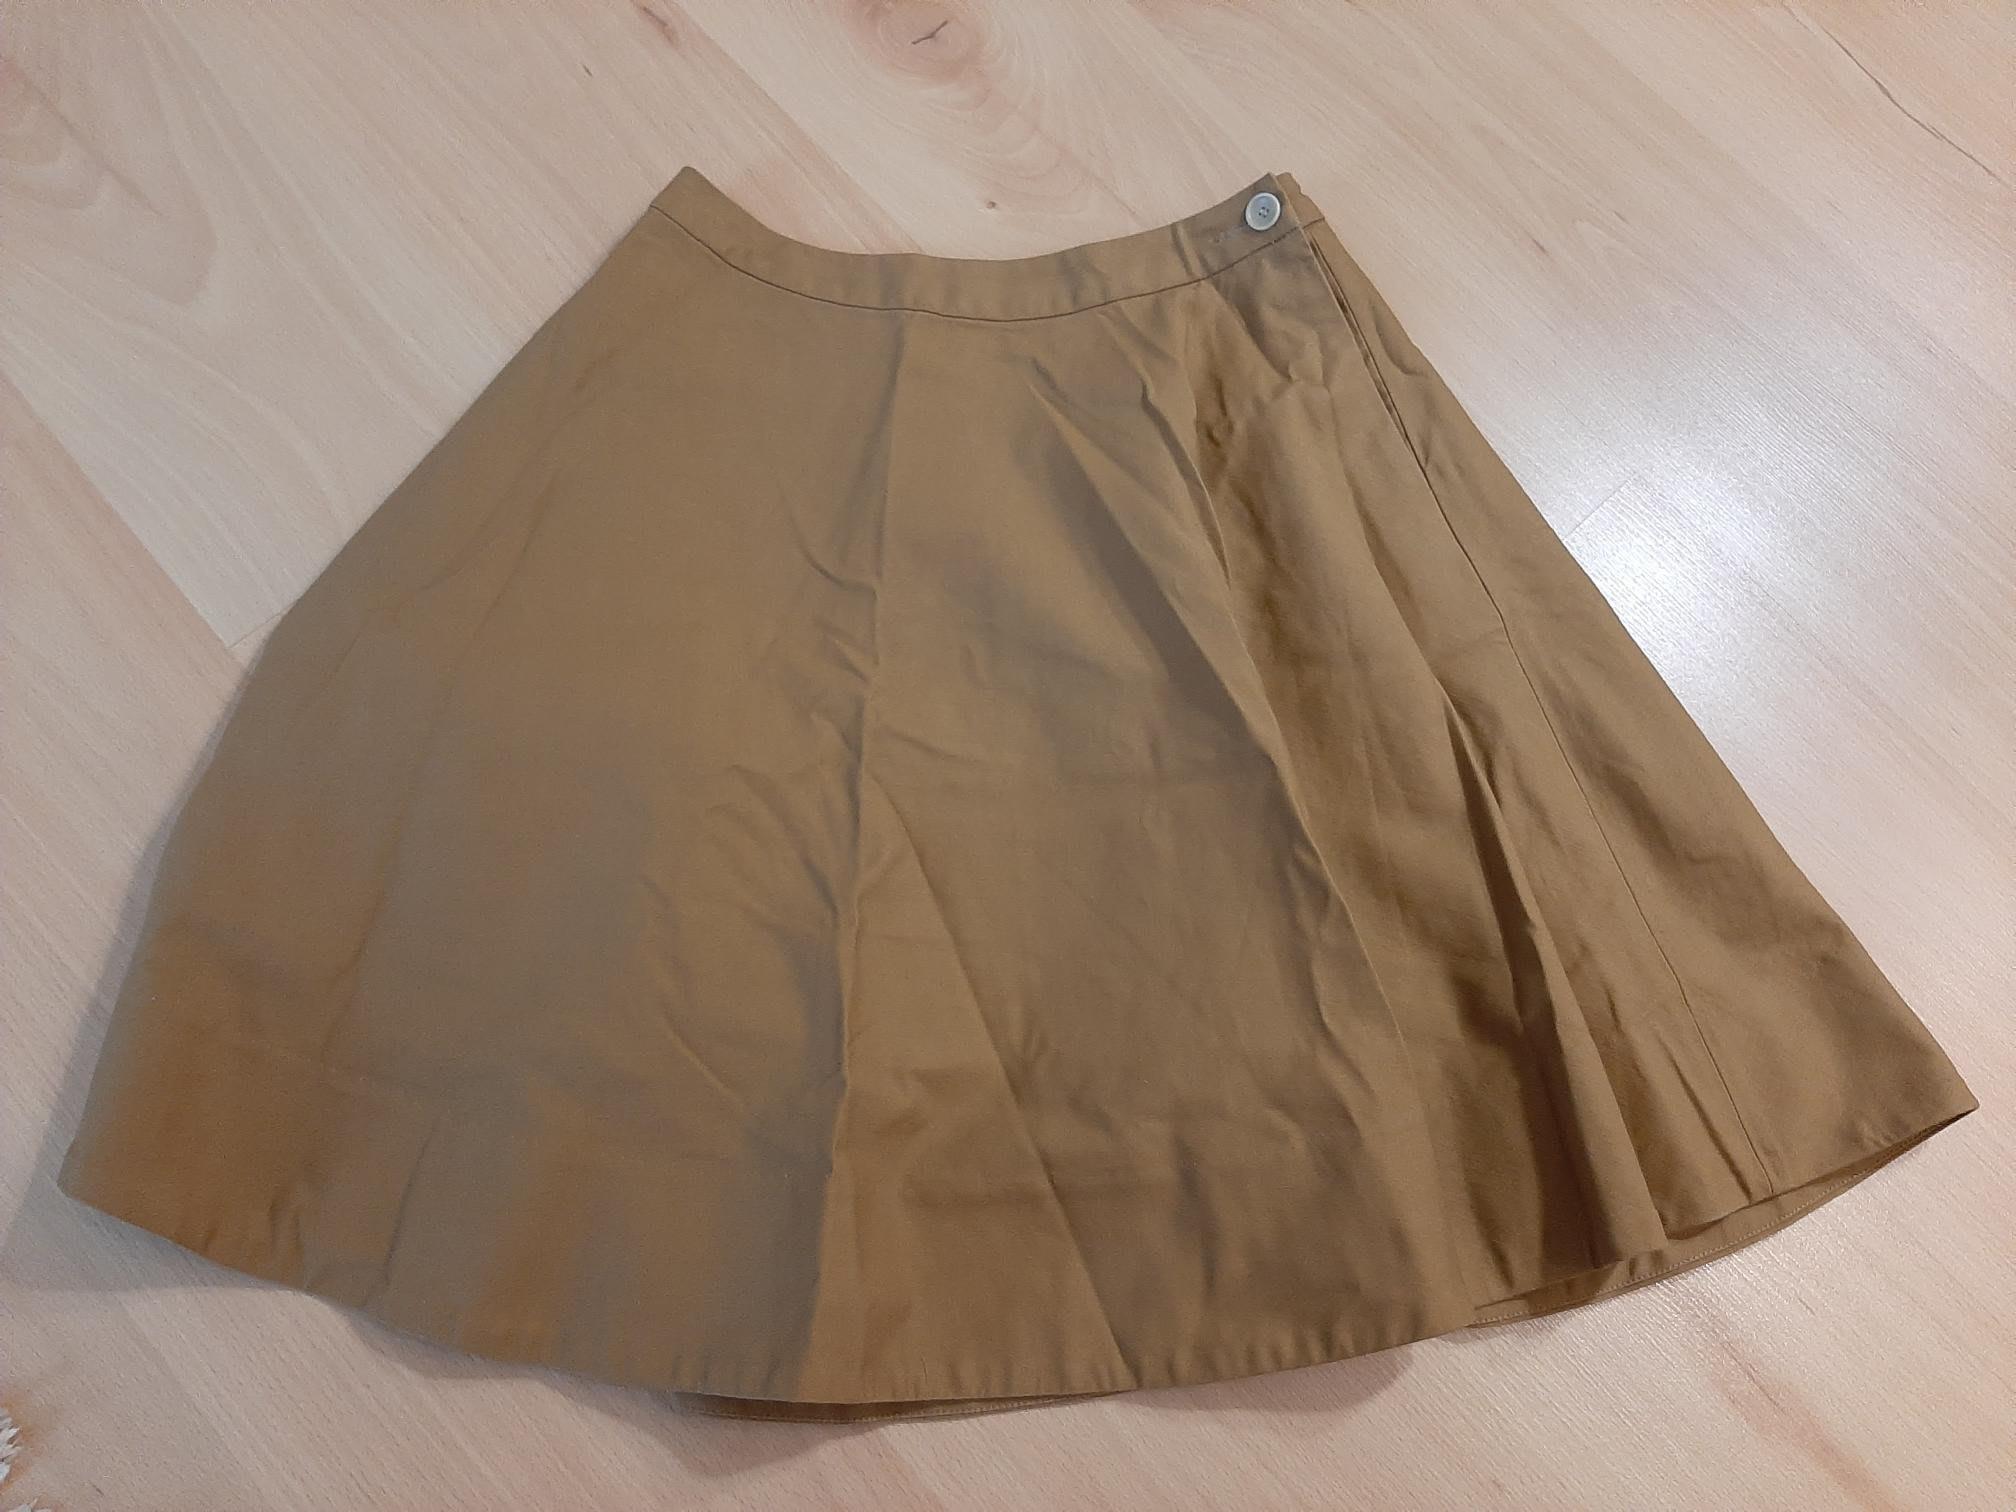 日本 Beams Boy 卡其色A字裙 1號(M~L) 九成近全新 價格含郵